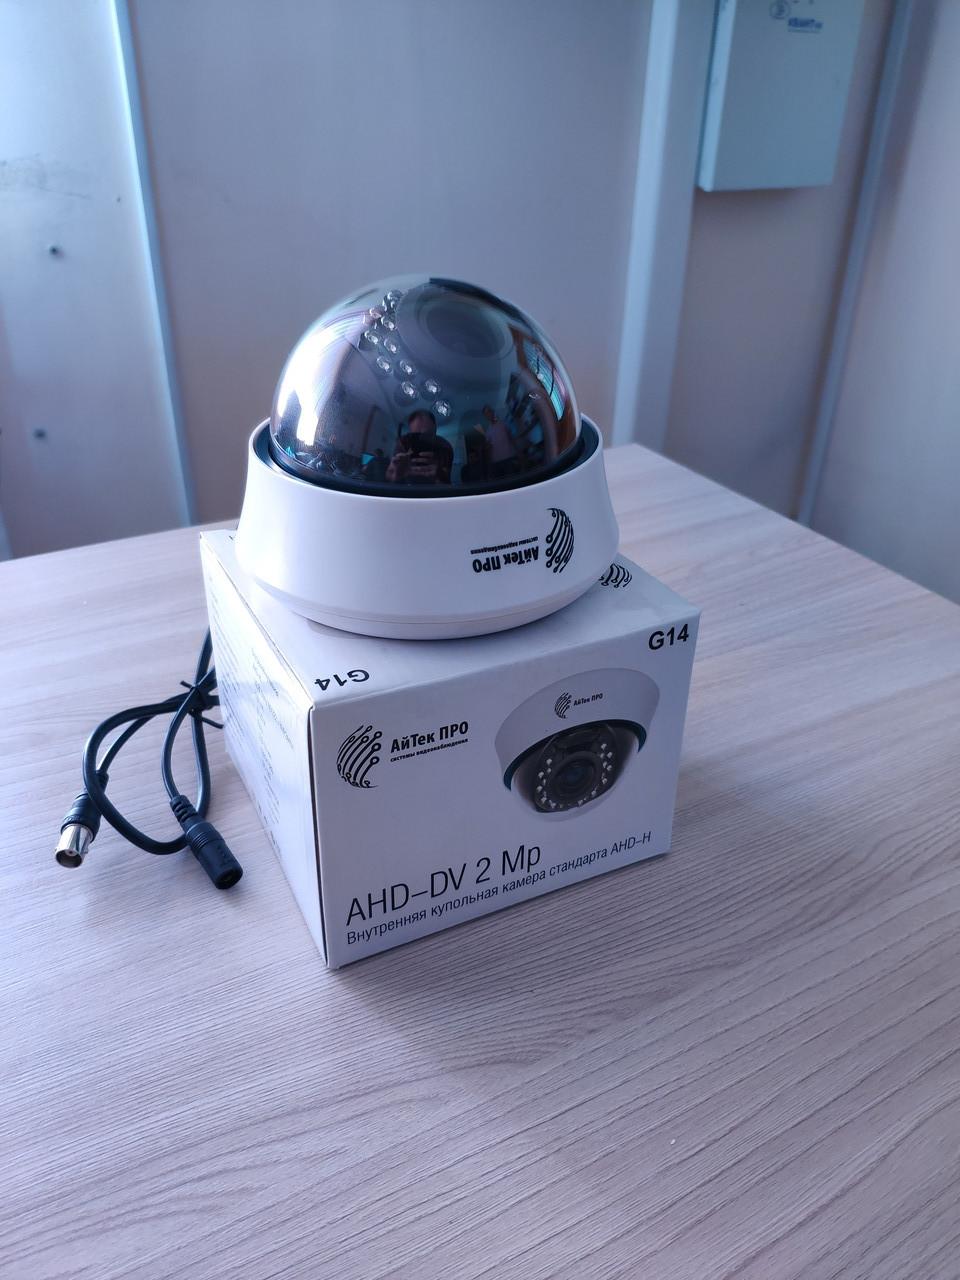 Внутренняя купольная камера AHD-DV 2Mp